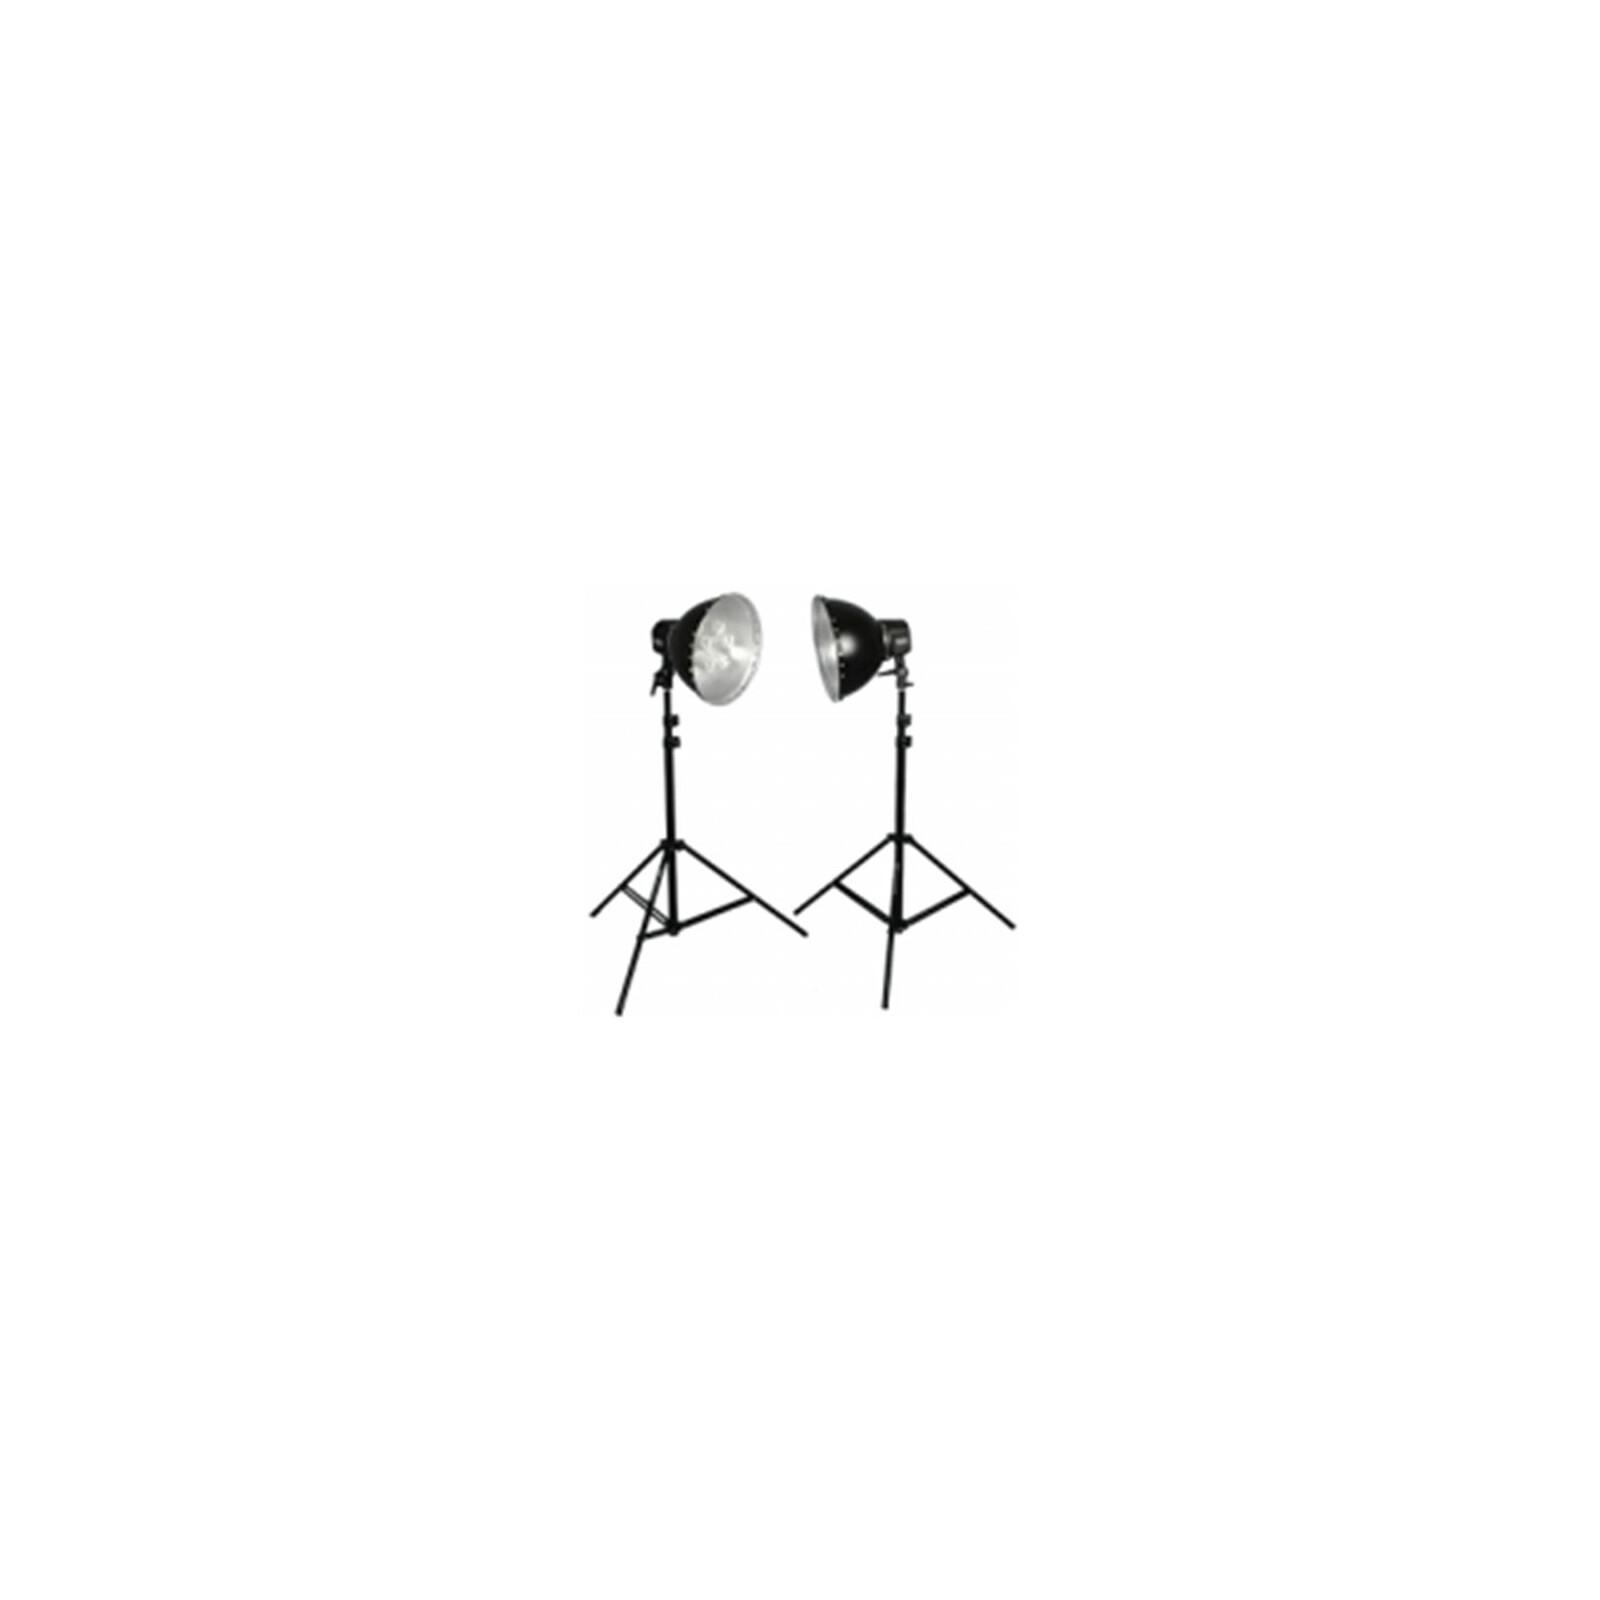 walimex pro Daylight-Set 600/600